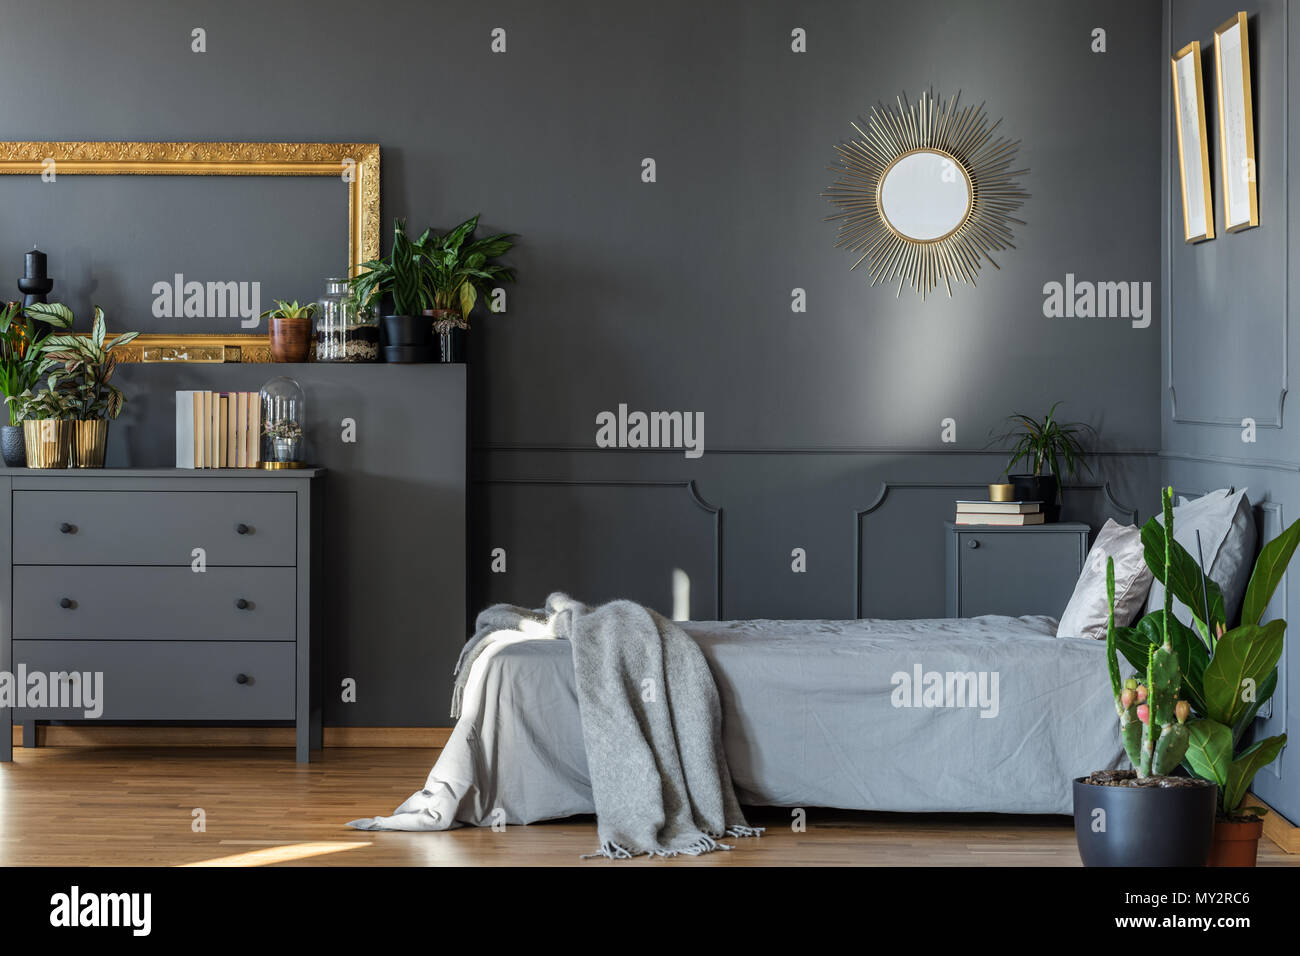 Credenza Da Parete : Uno specchio decorativo appesi al muro in grigio scuro interiore